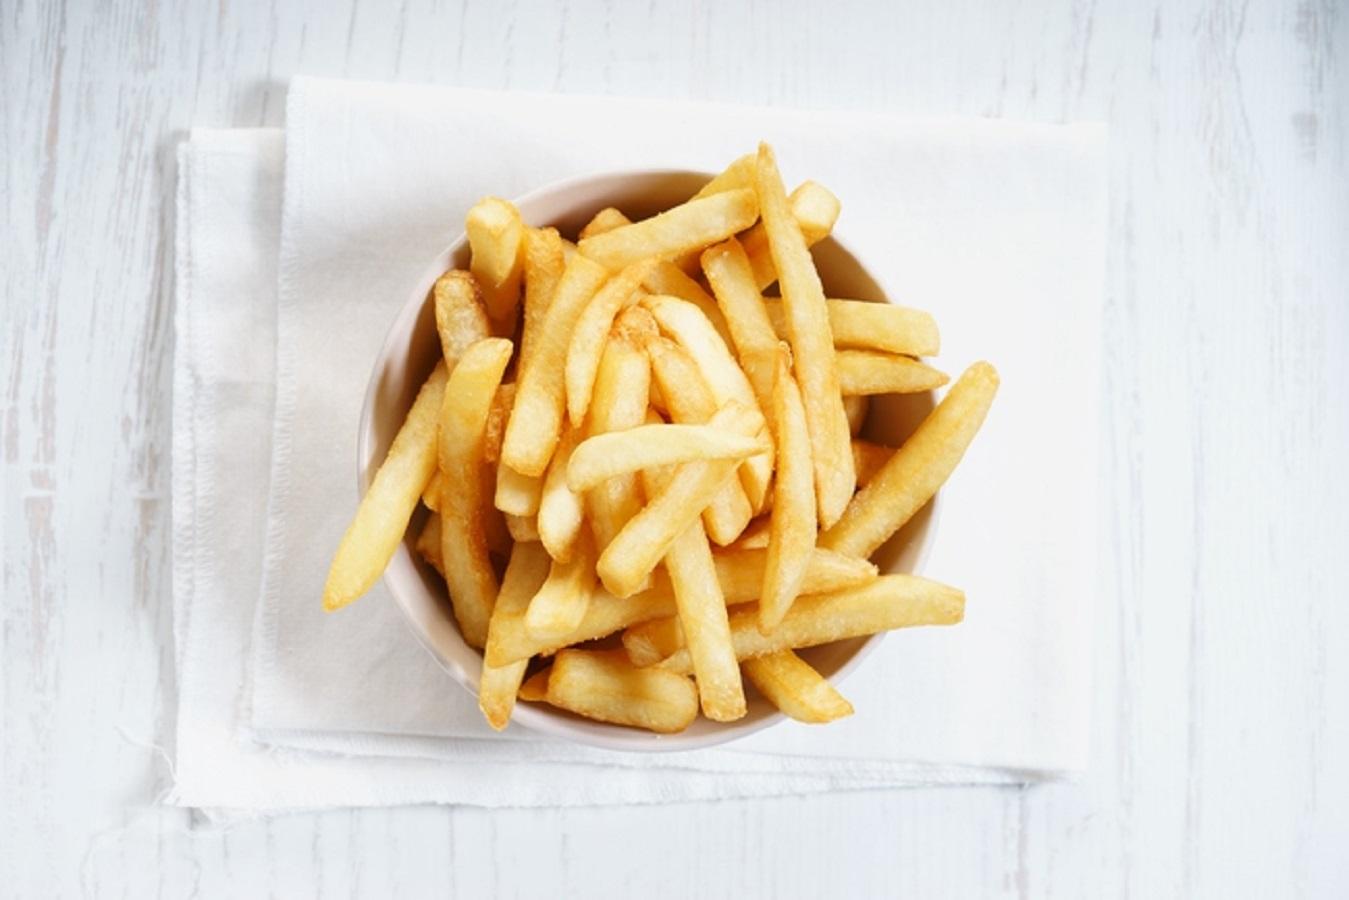 Dimagrire, patate fritte: come mangiarle per non ingrassare